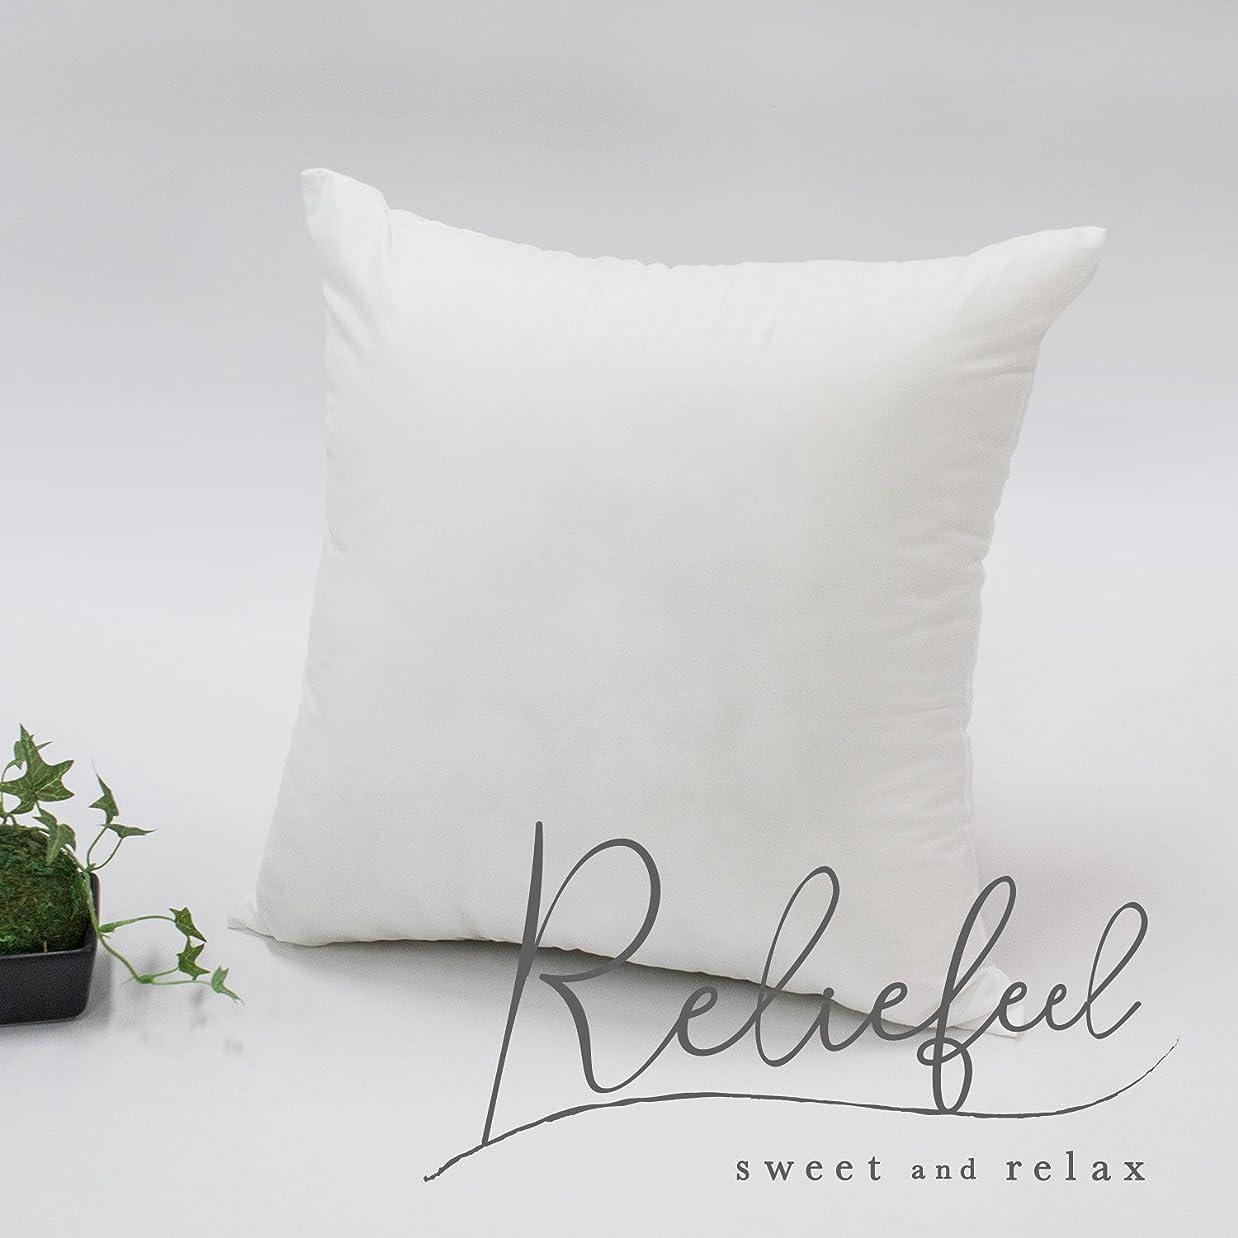 スチュアート島オフセット香ばしいReliefeel ヌードクッション 中身 日本製 シリコン綿 洗濯可能 60×60cm 2個セット